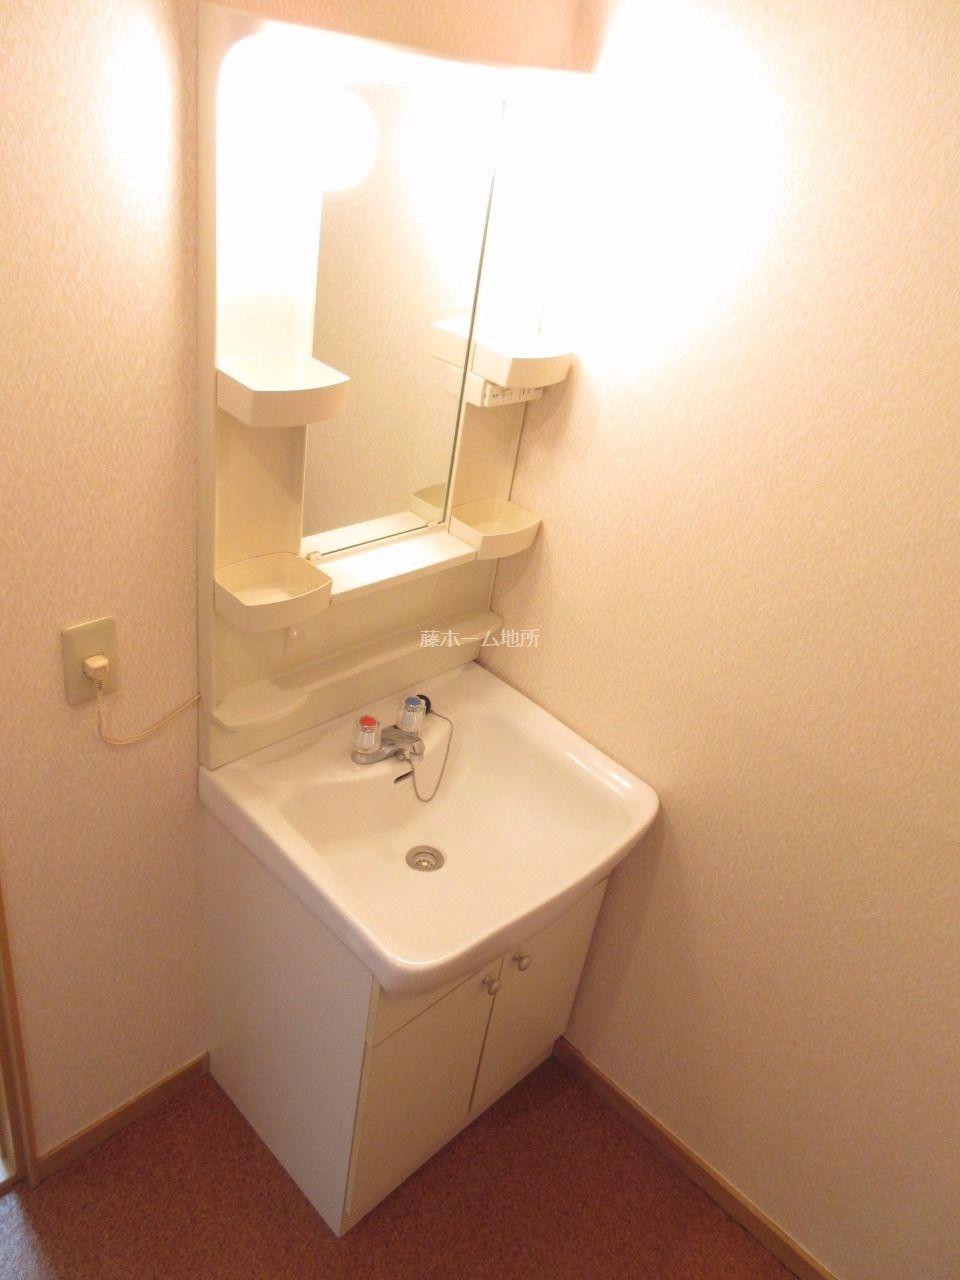 収納付鏡を設えた、シンプルな洗面化粧台。